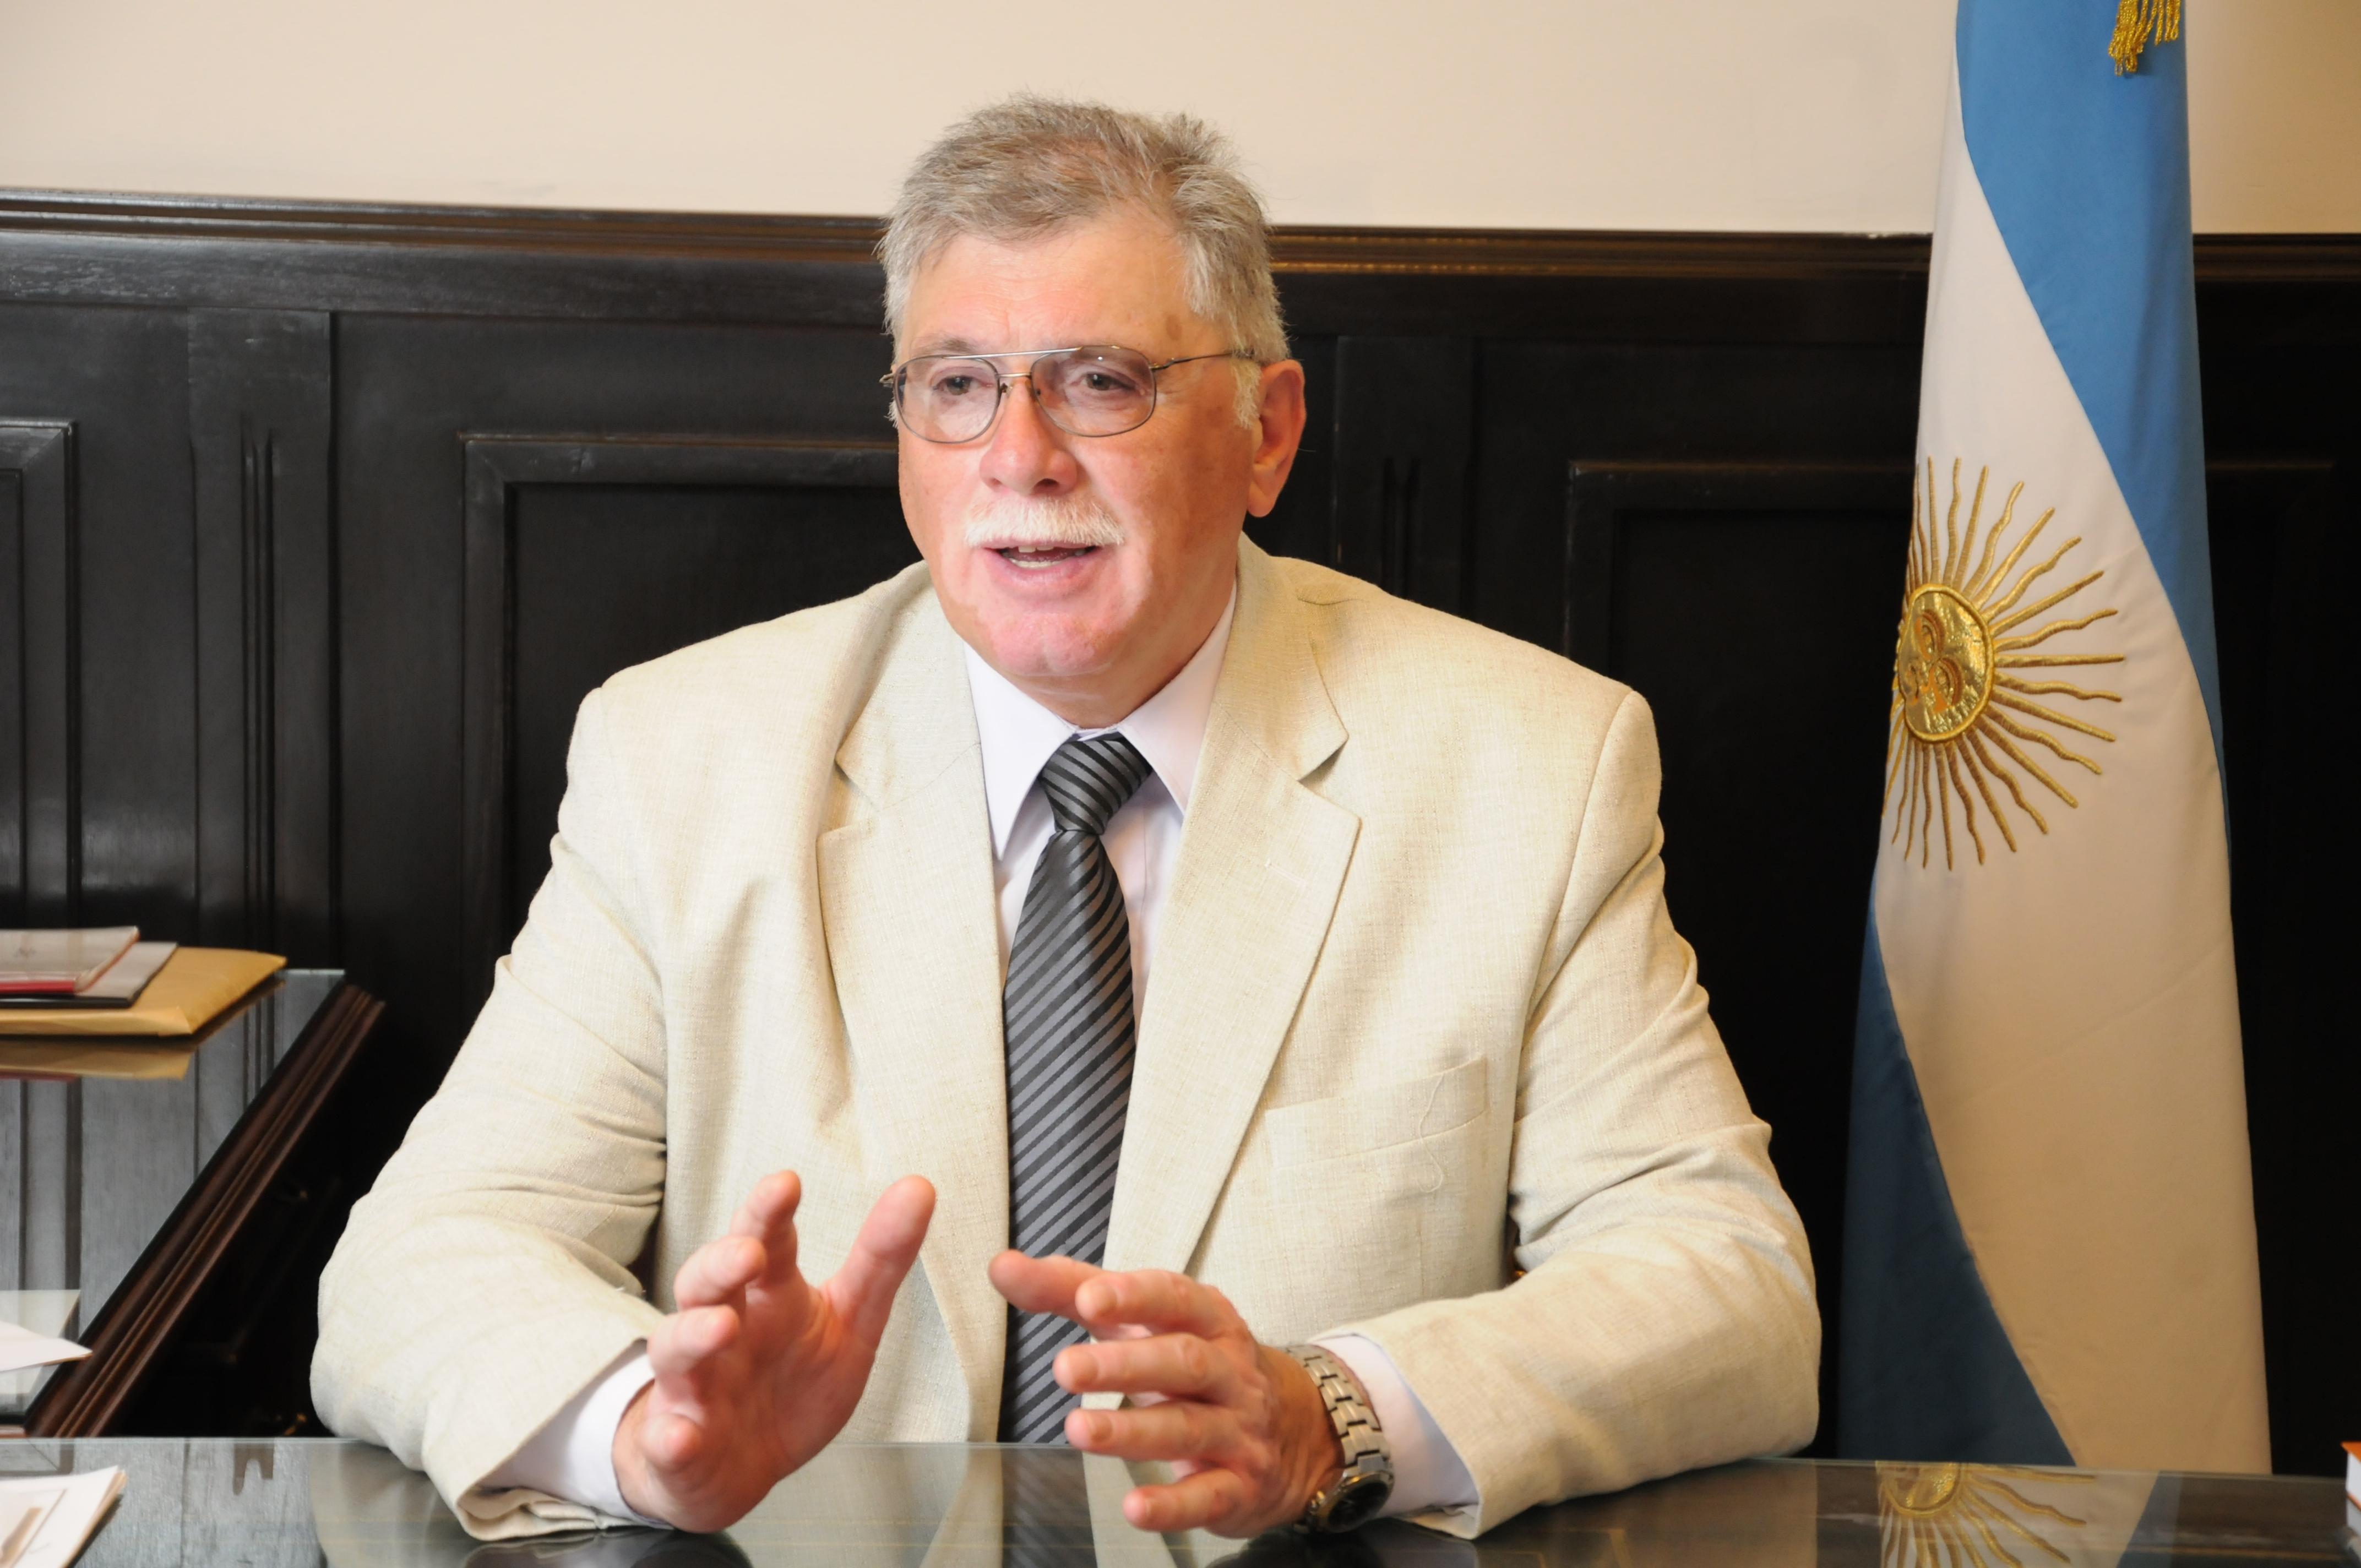 El Senado bonaerense aprobó una modificación a la Ley de Zona Austral desfavorable